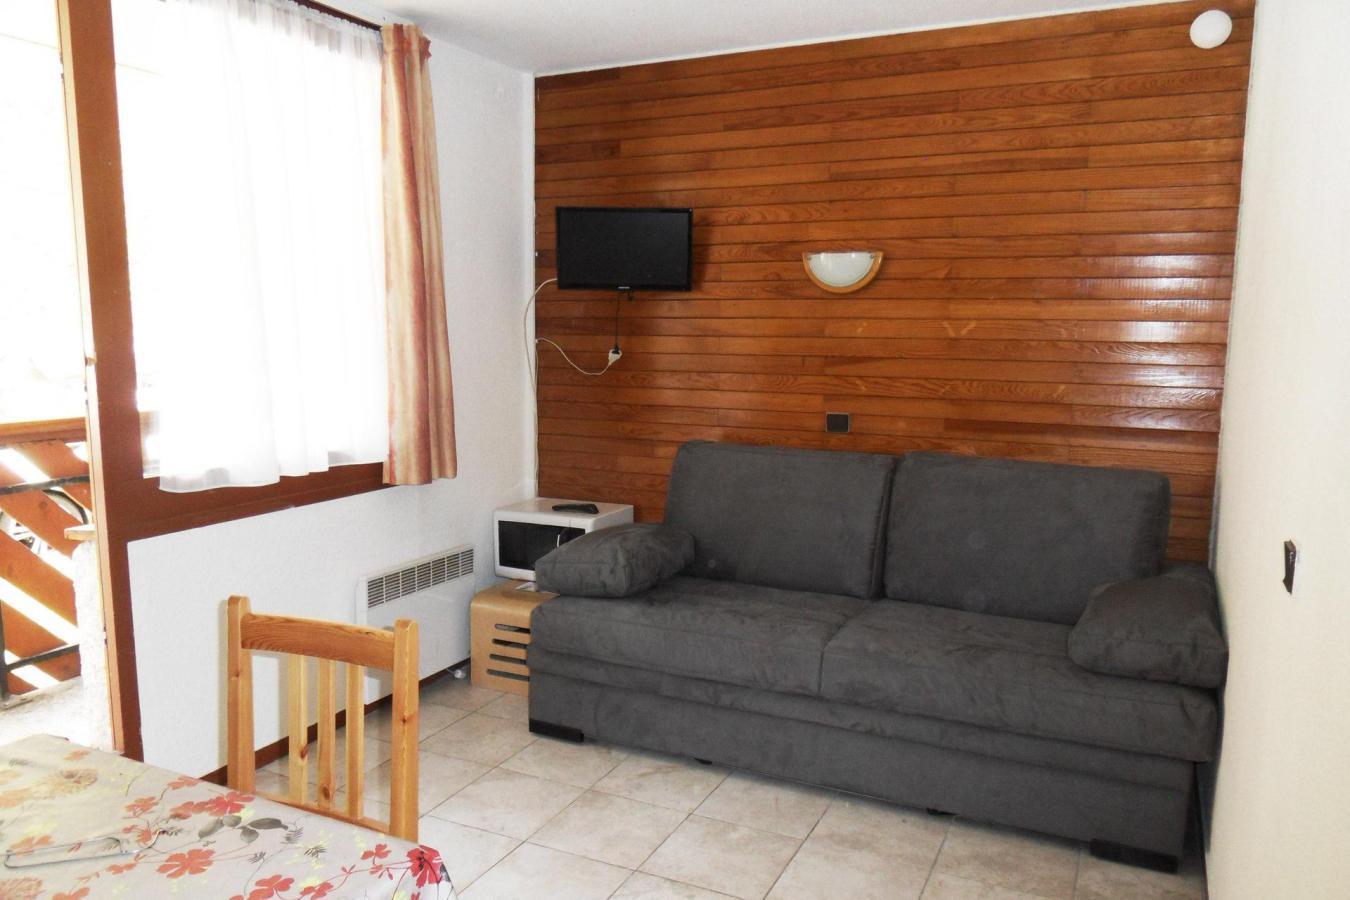 Location au ski Studio 2 personnes (15) - Residence Le Carroley A - La Plagne